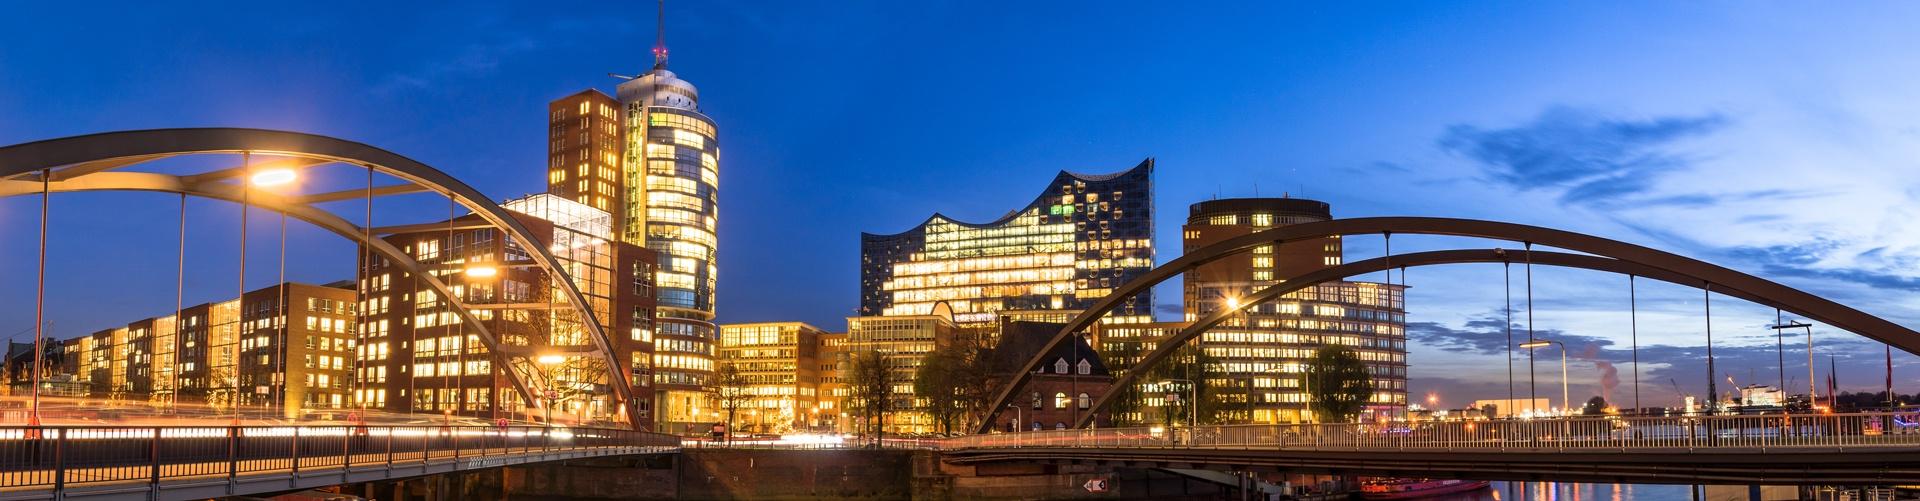 Cityguide_Hamburg